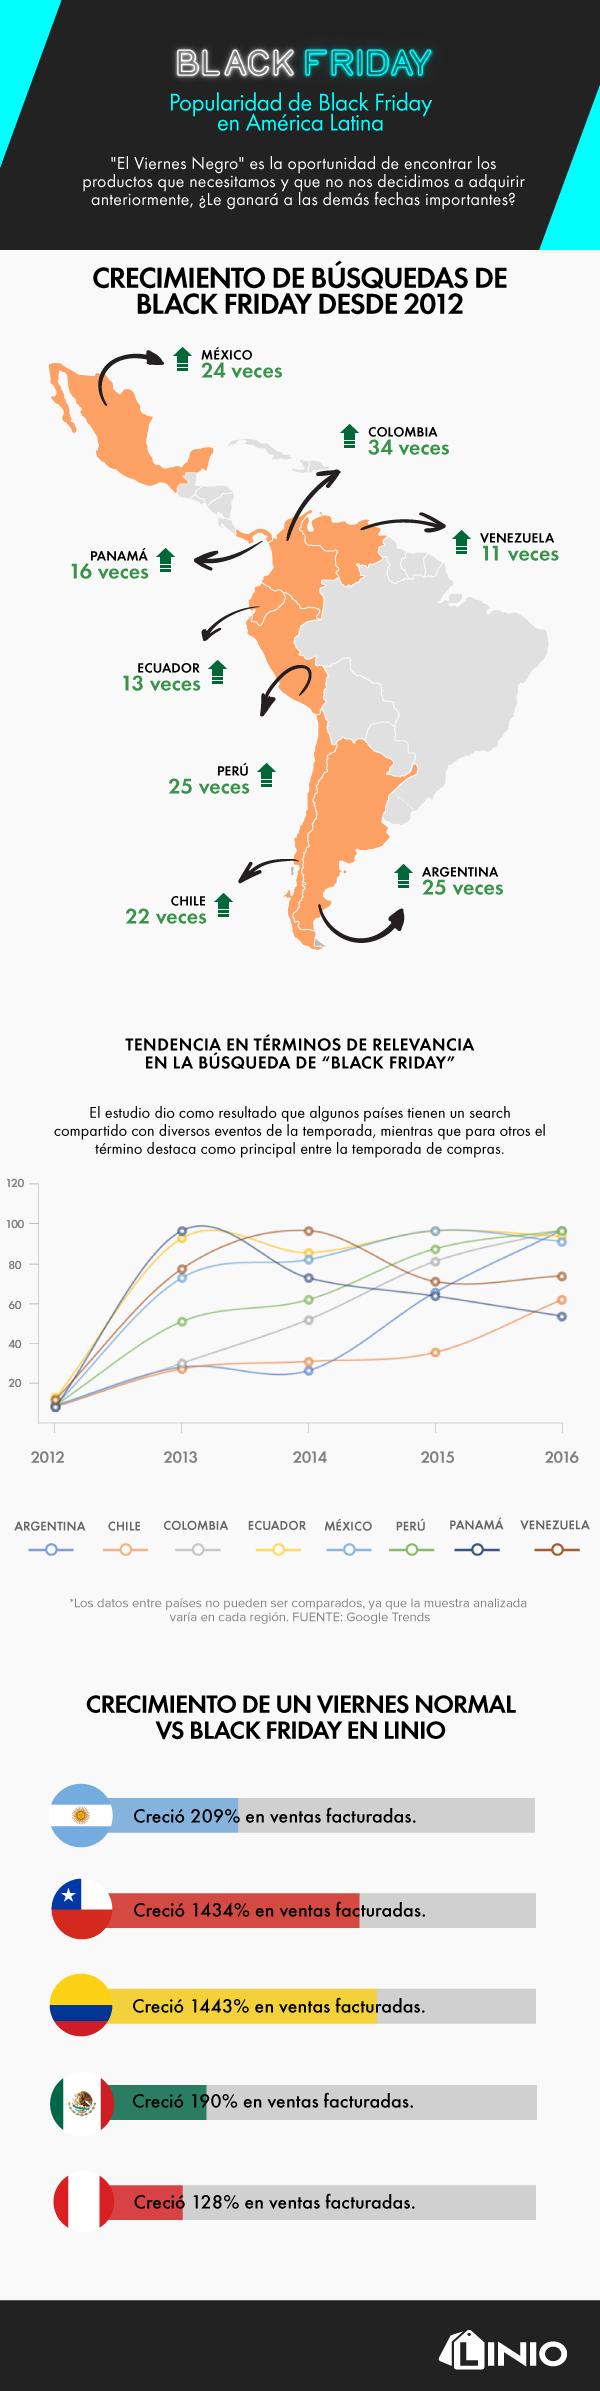 Infografía: La popularidad de Black Friday en América Latina - infografia_blackfriday2017